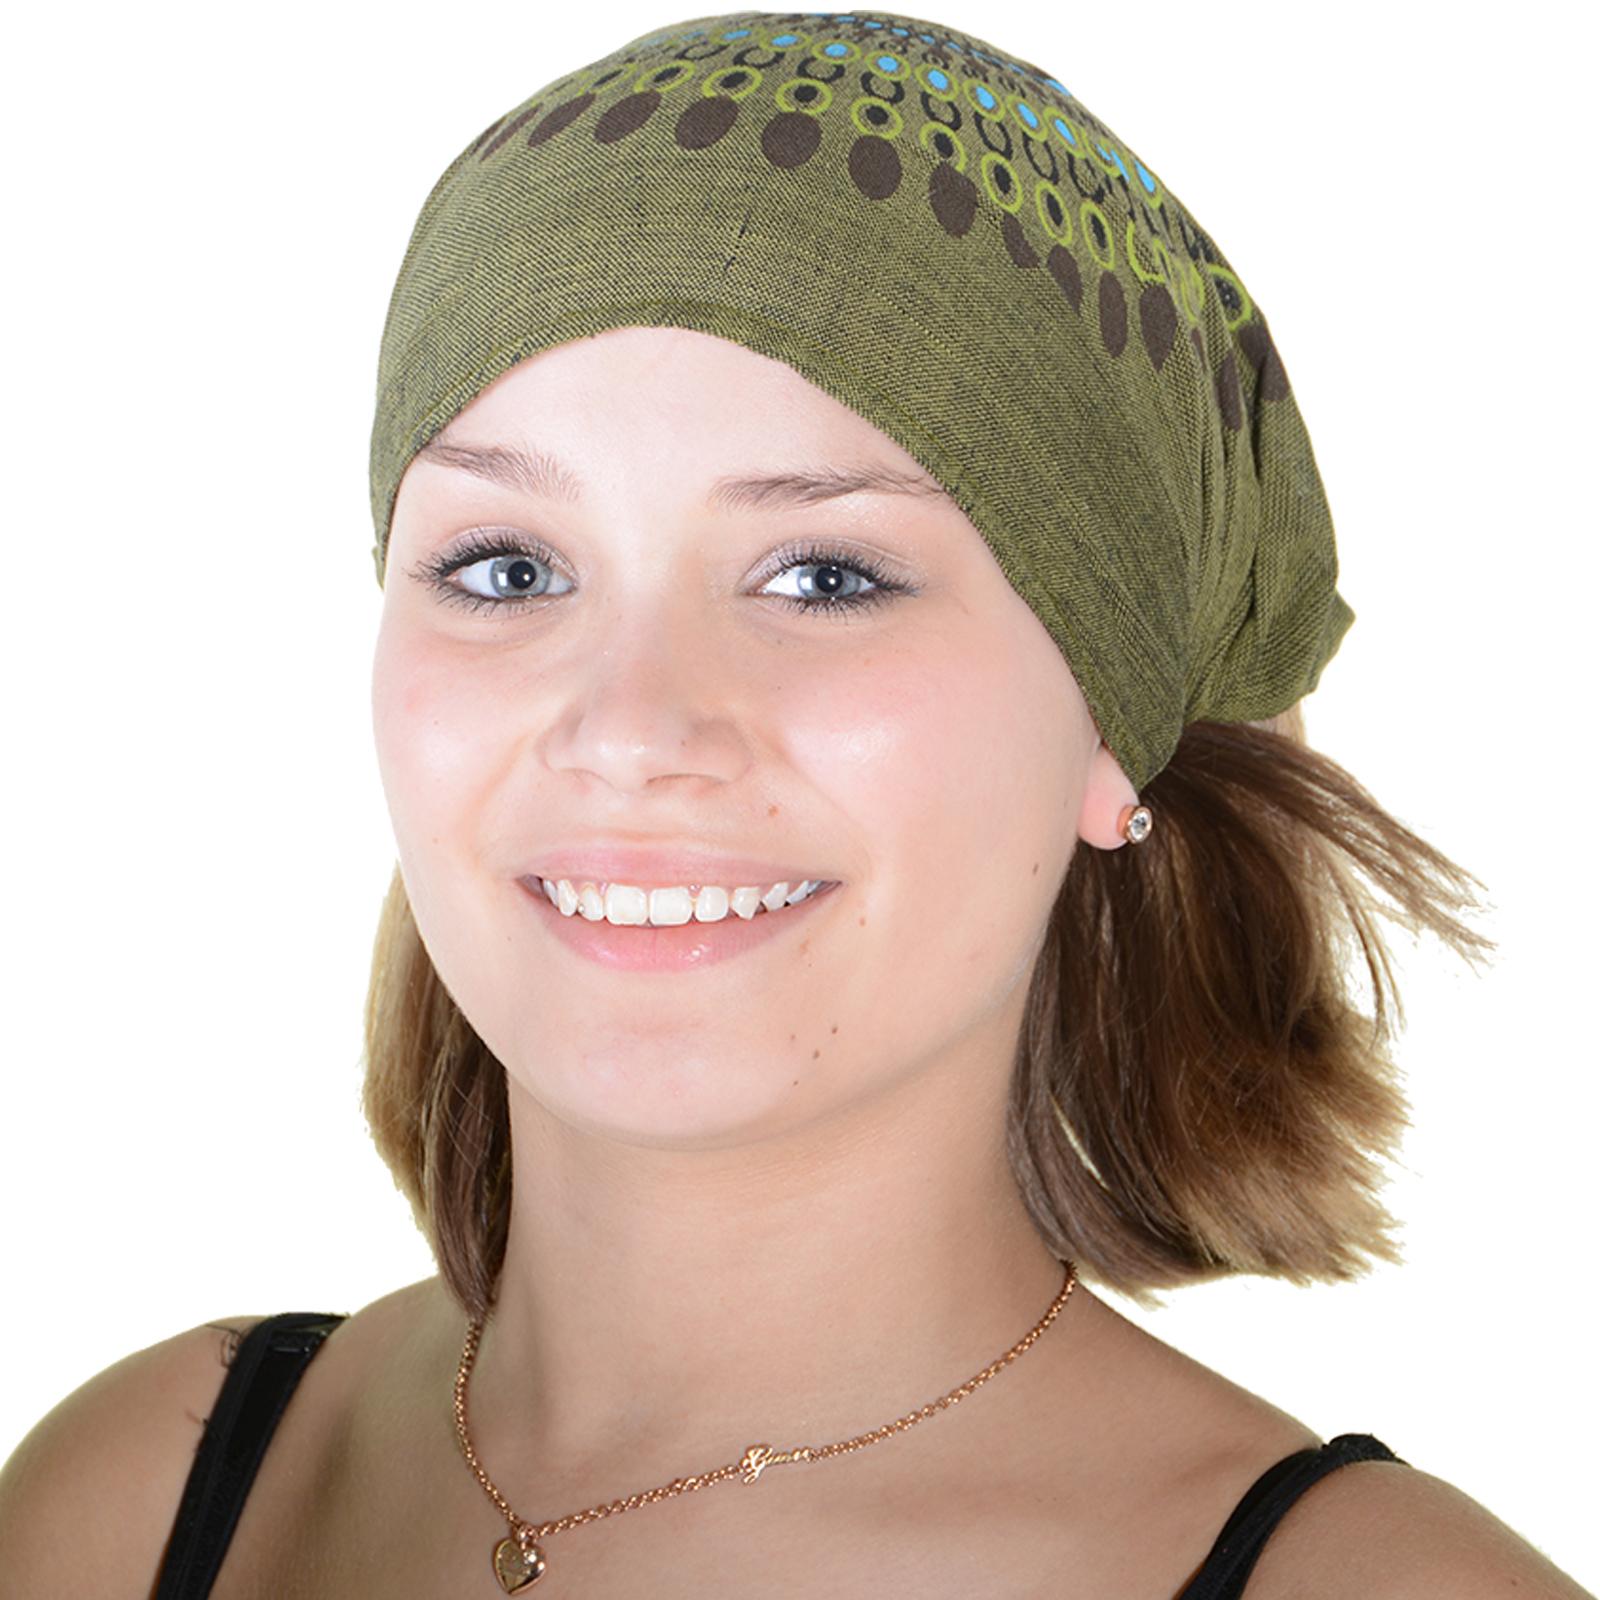 04680c9f5e6015 Kunst und Magie Stirnband Haarband Goa Mandala Hippie Kopftuch Haarband